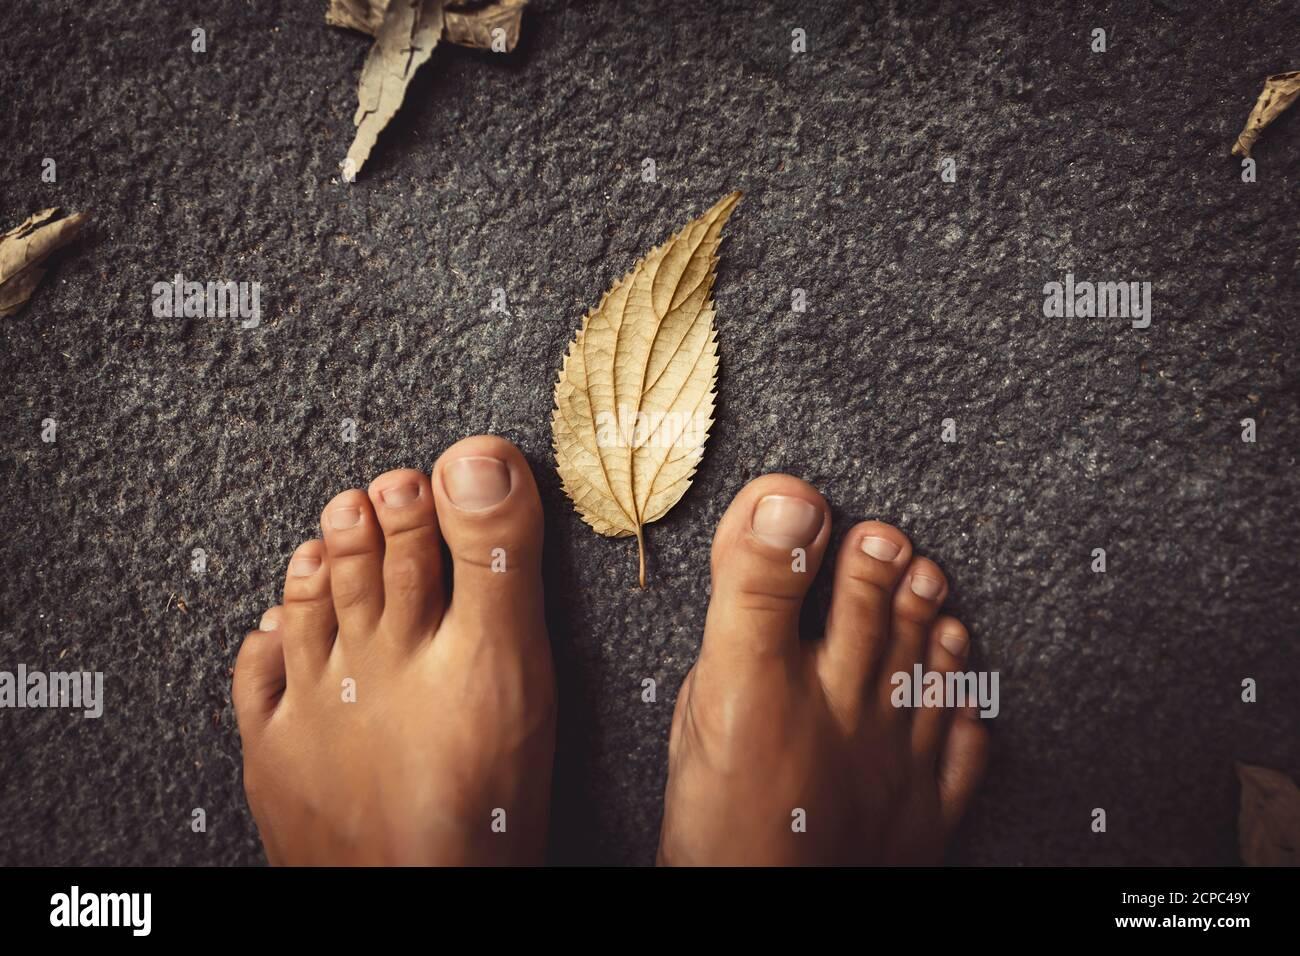 Bienvenido de fondo de otoño. Concepto de primer plano Foto de una mujer de pie de Barefoot pies y hojas secas. Tema de la temporada de otoño. Foto de stock